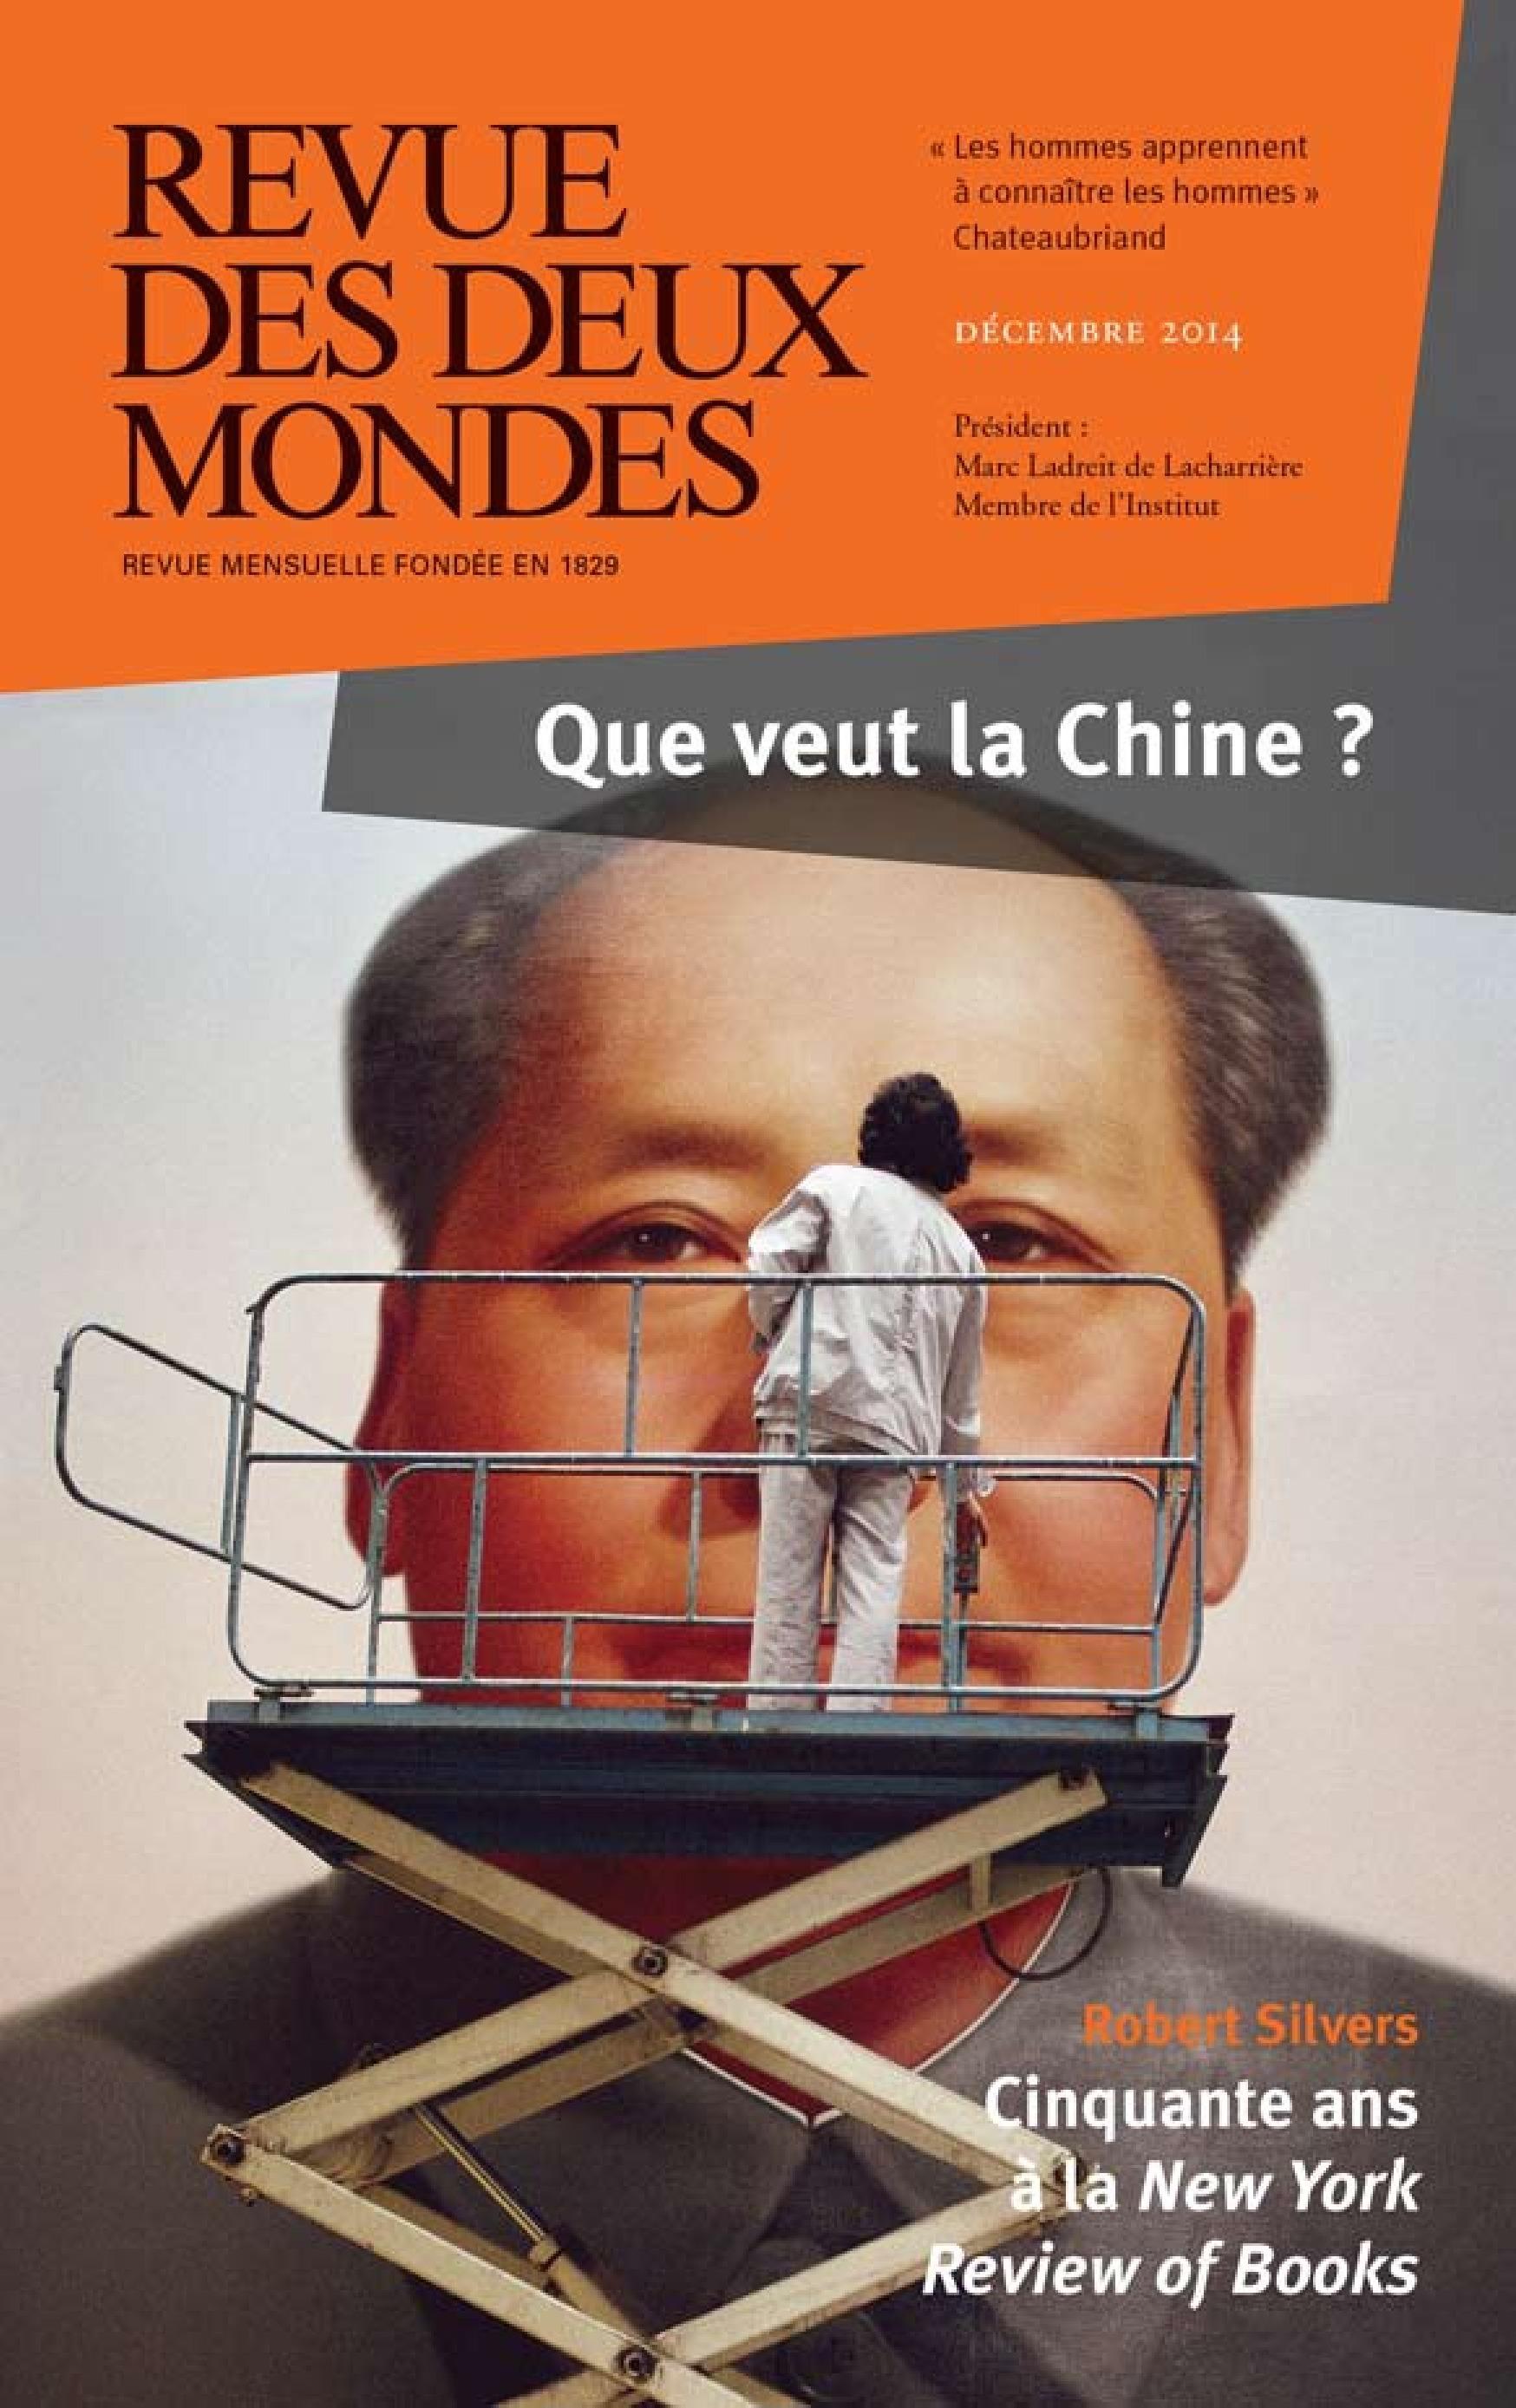 REVUE DES DEUX MONDES ; décembre 2014 ; où en est la Chine ?